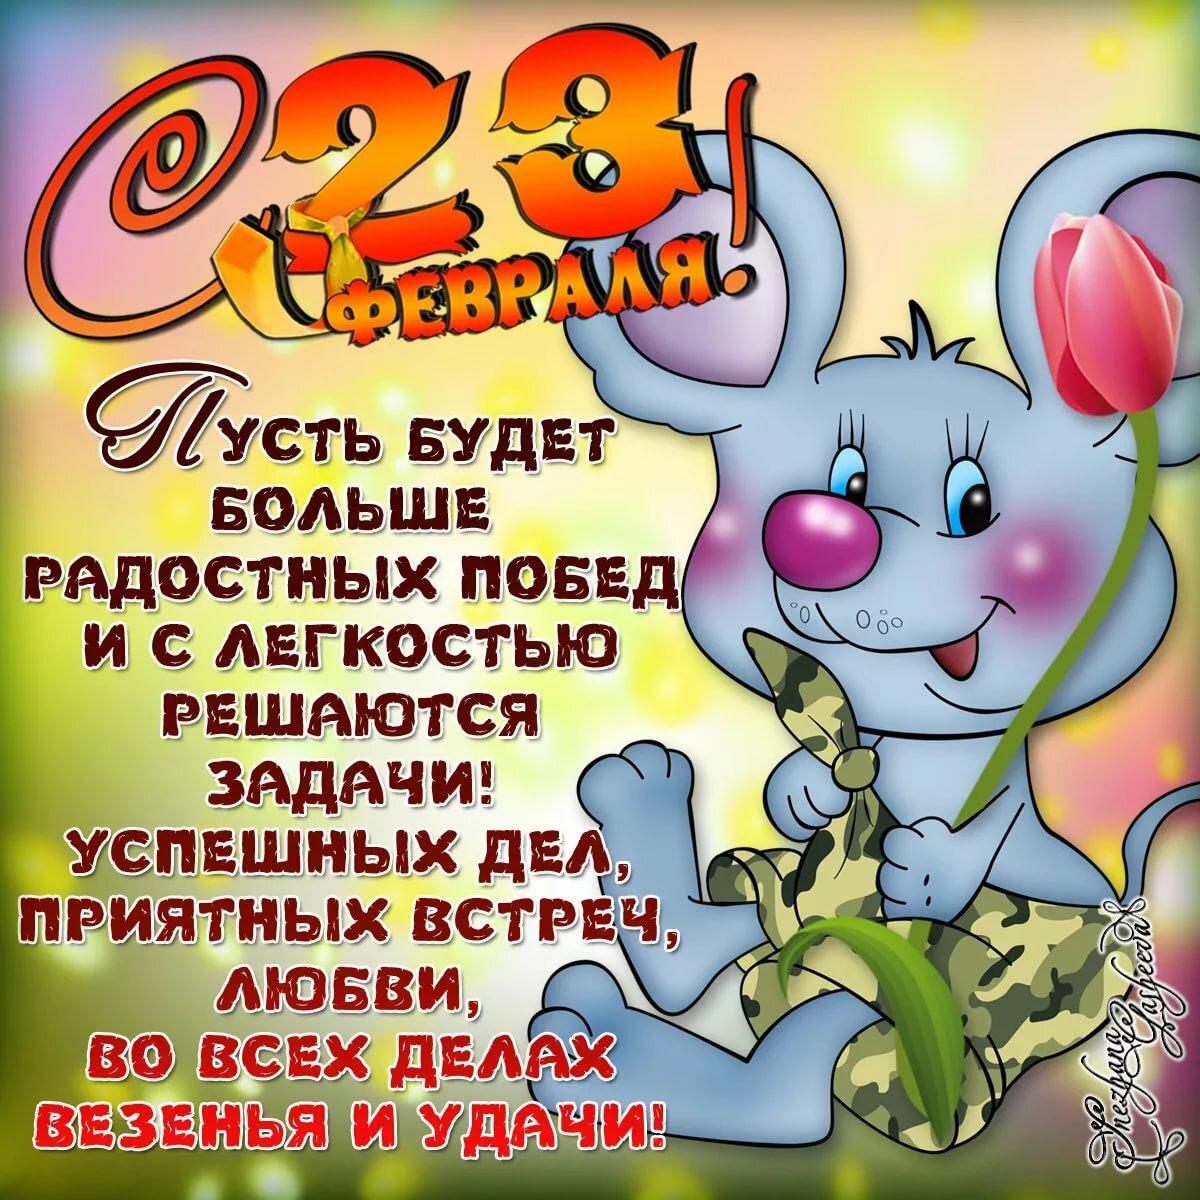 Поздравления с днем рождения мужчине с 23 февраля прикольные